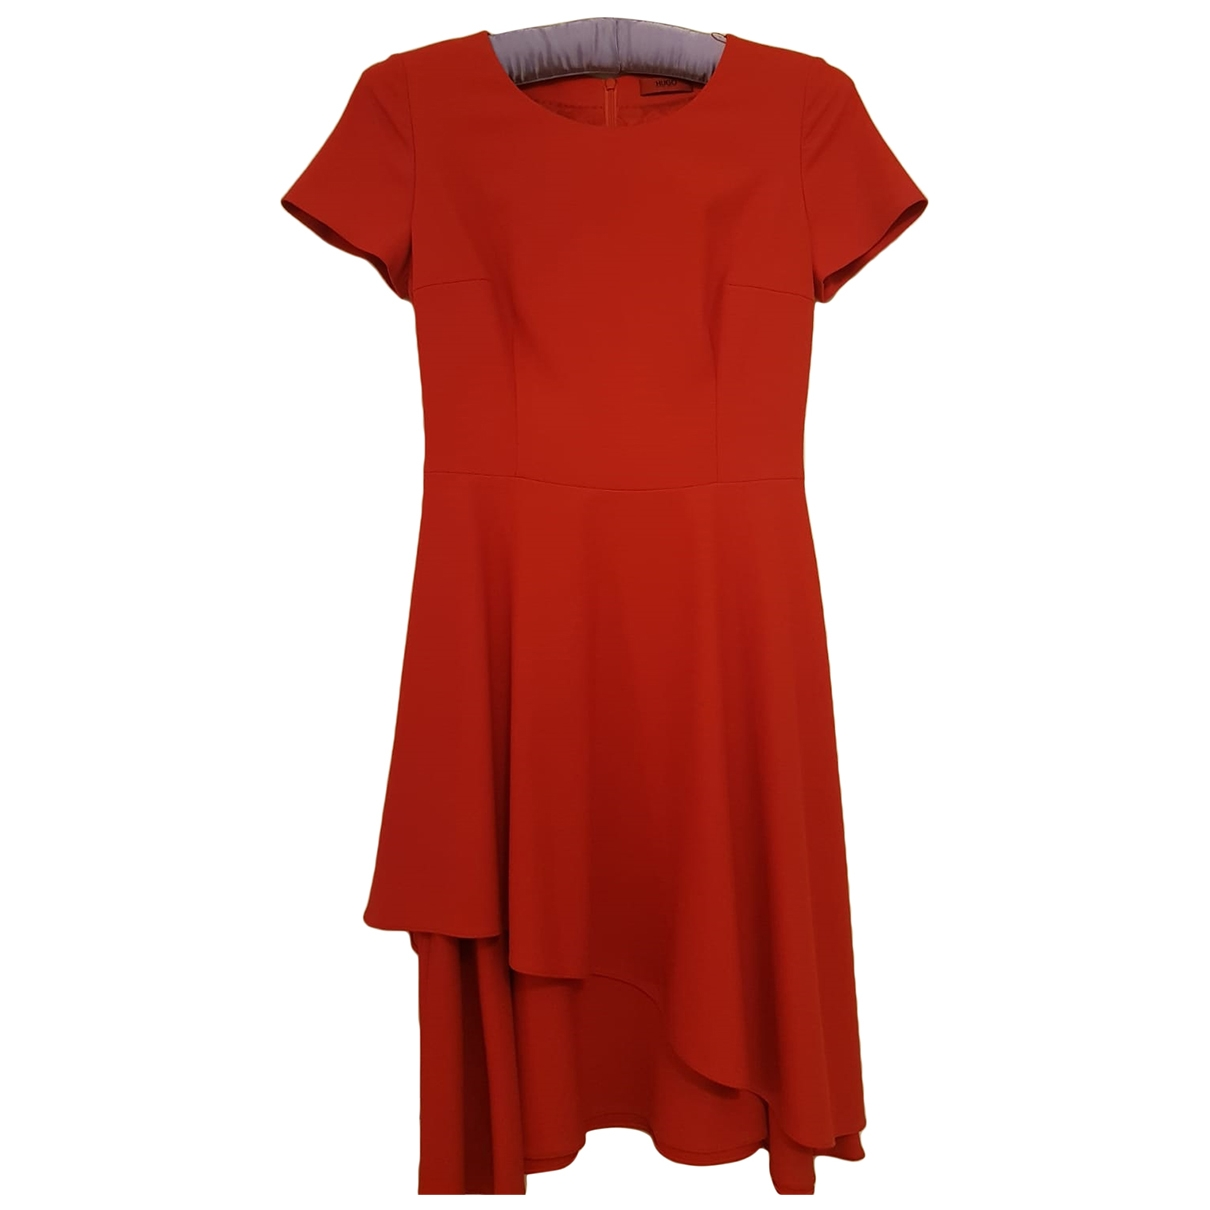 Hugo Boss \N Red Cotton - elasthane dress for Women 6 UK